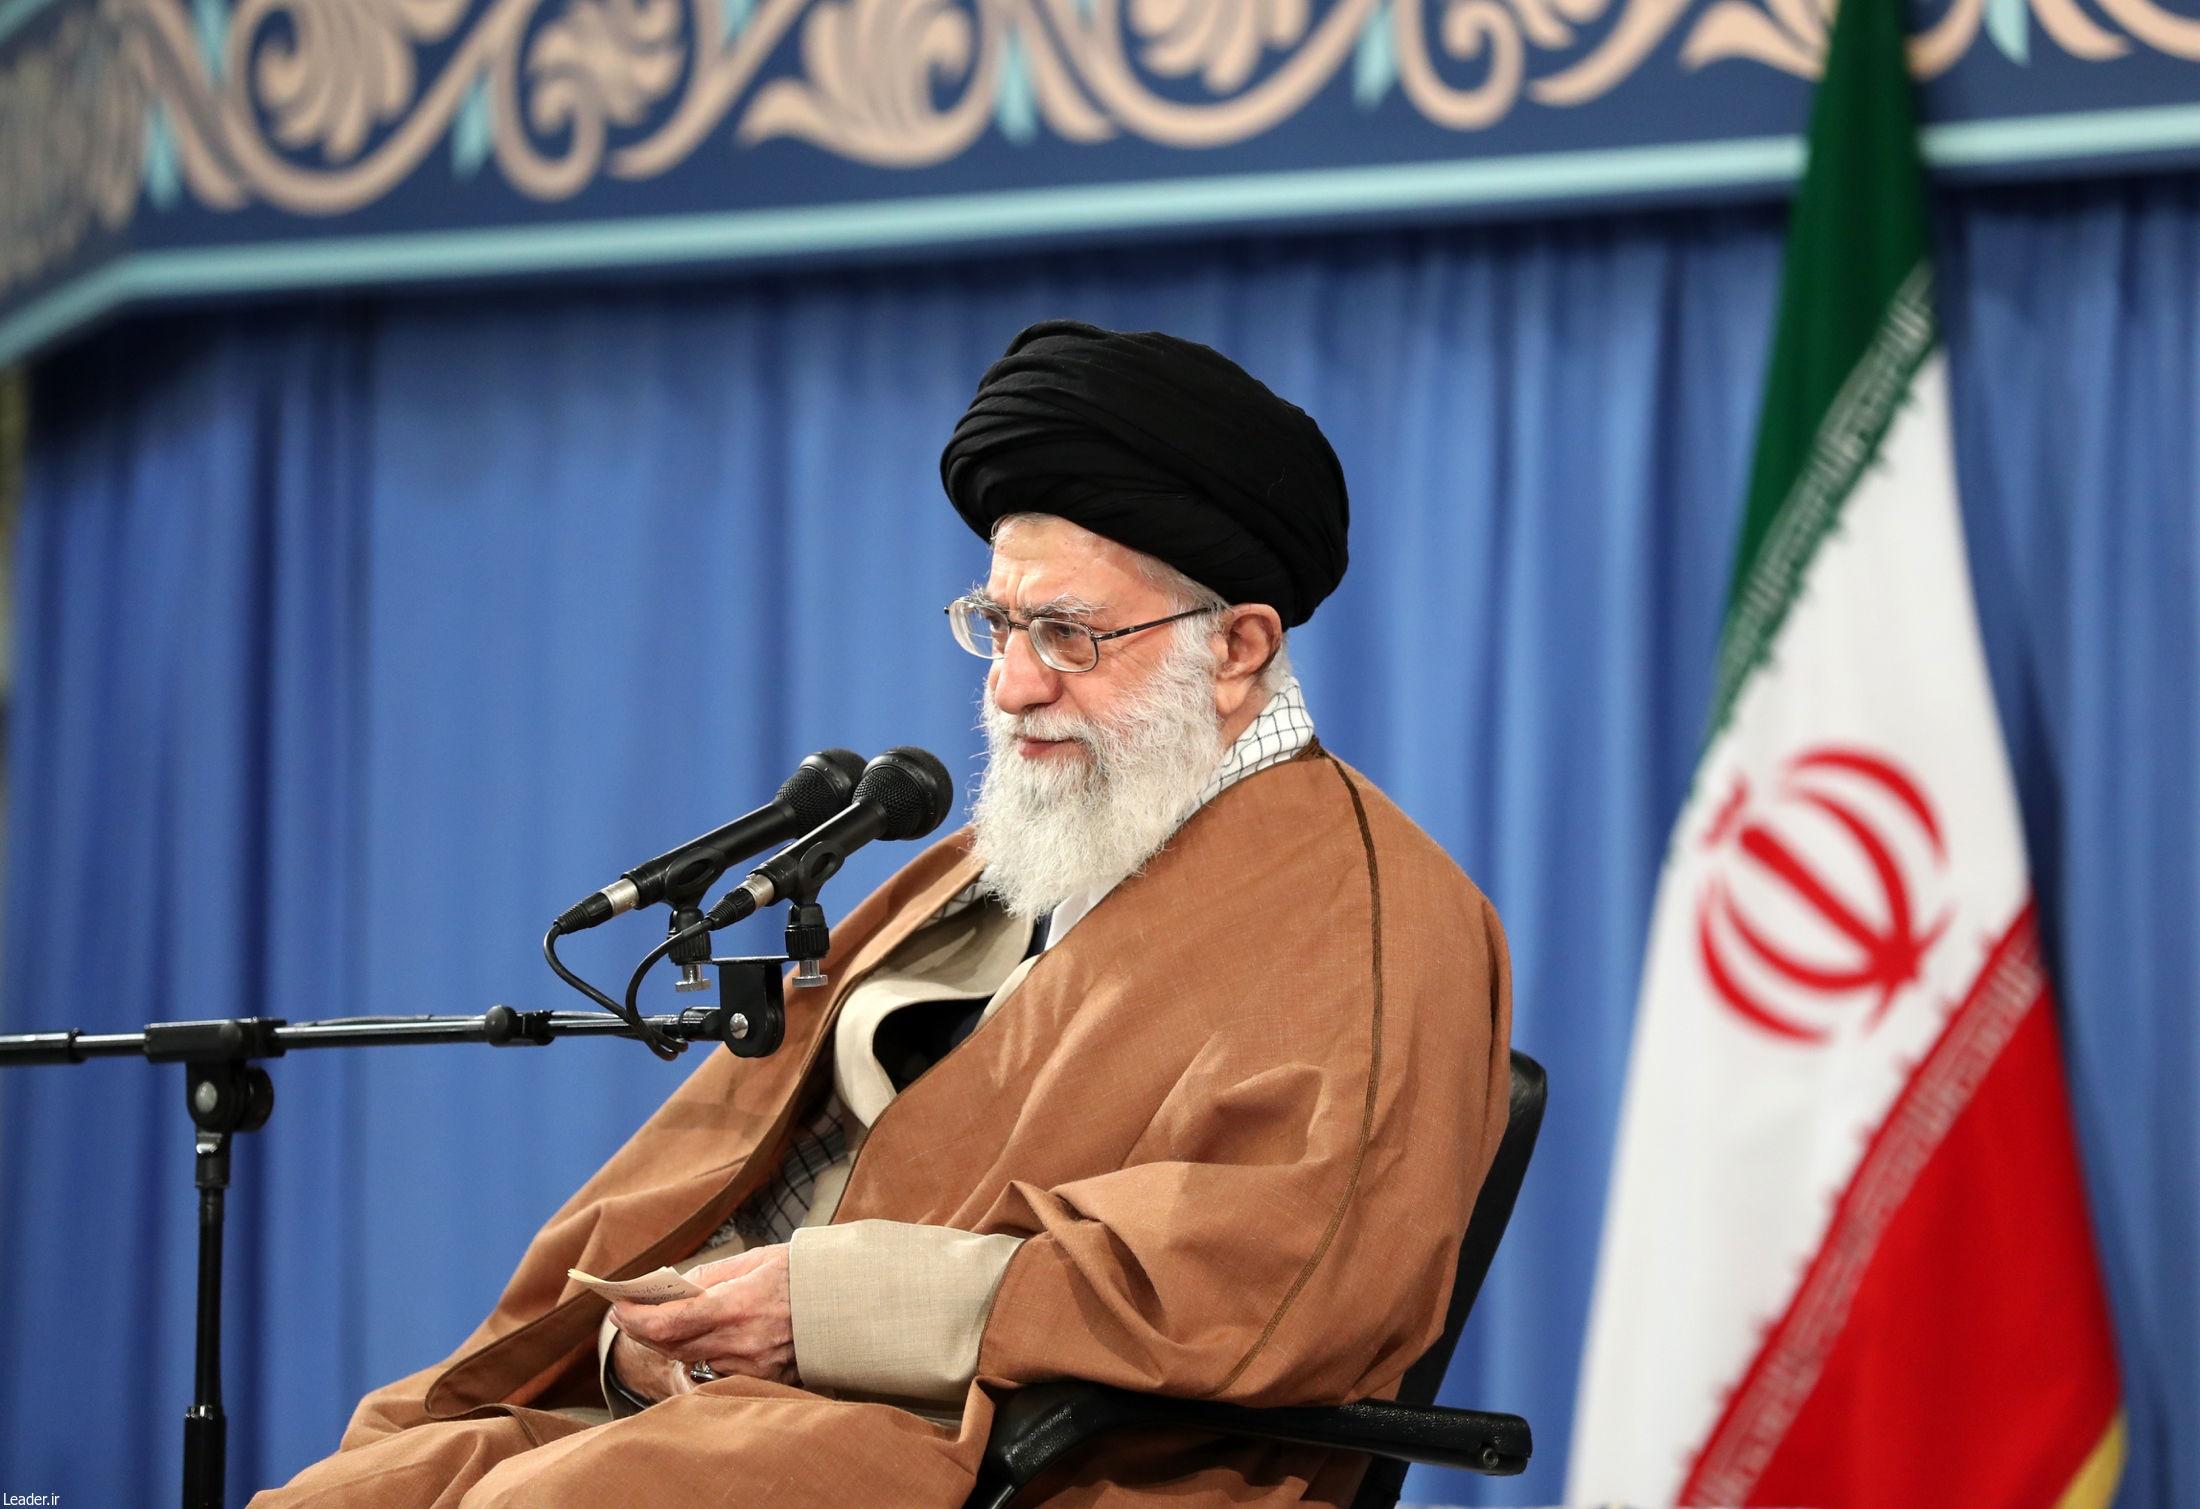 هشدارهای صریح رهبر انقلاب؛ کسانی که کشور در اختیارشان هست یا بوده دیگر حق ندارند علیه کشور حرف بزنند